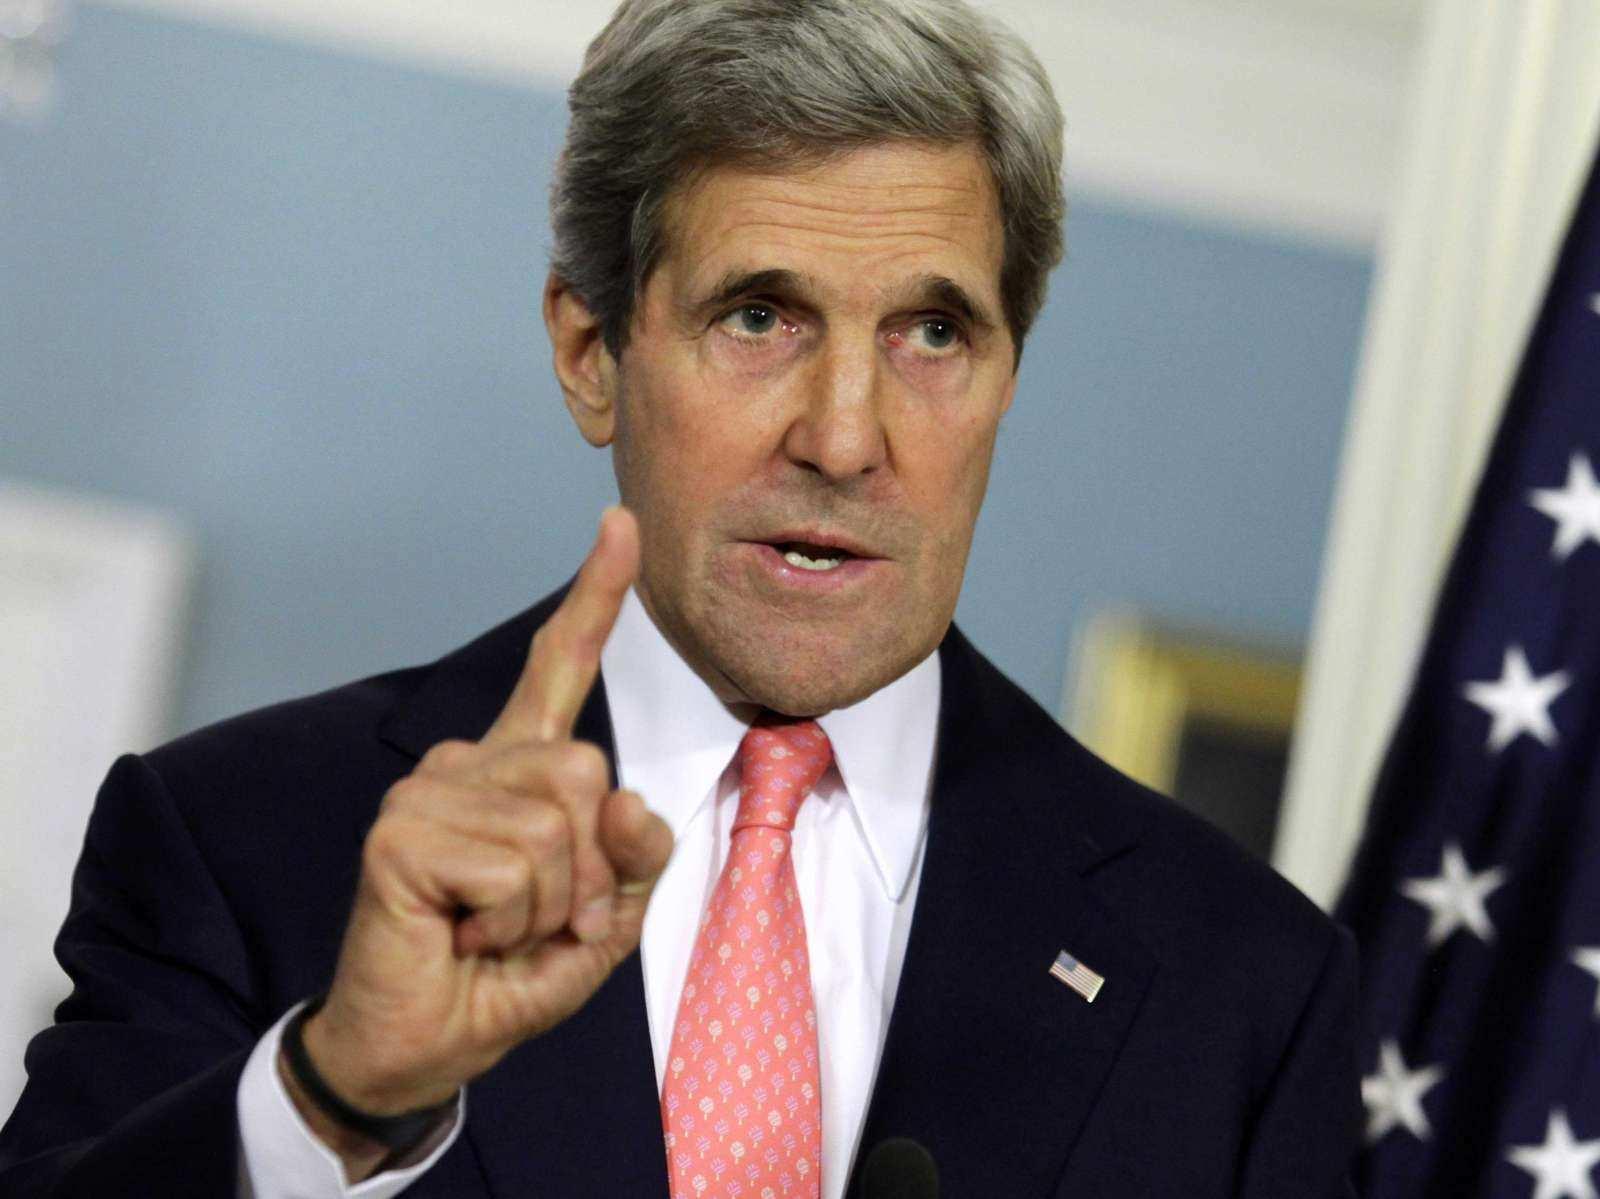 Госсекретарь СШАКерри: СШАготовы кнемедленному началу дискуссий сРоссией поСирии | Русская весна